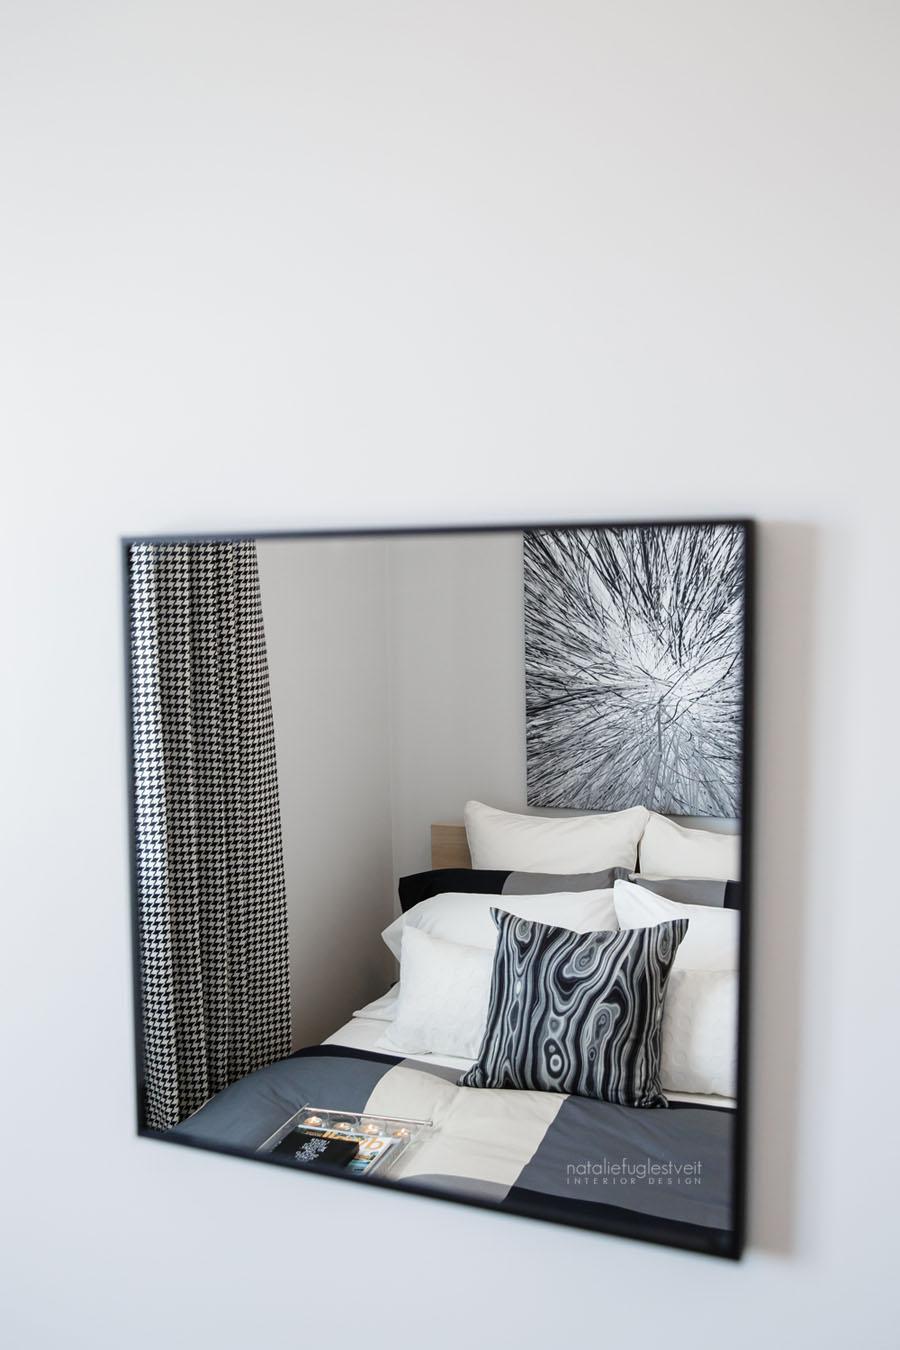 Design Through a Mirror 1